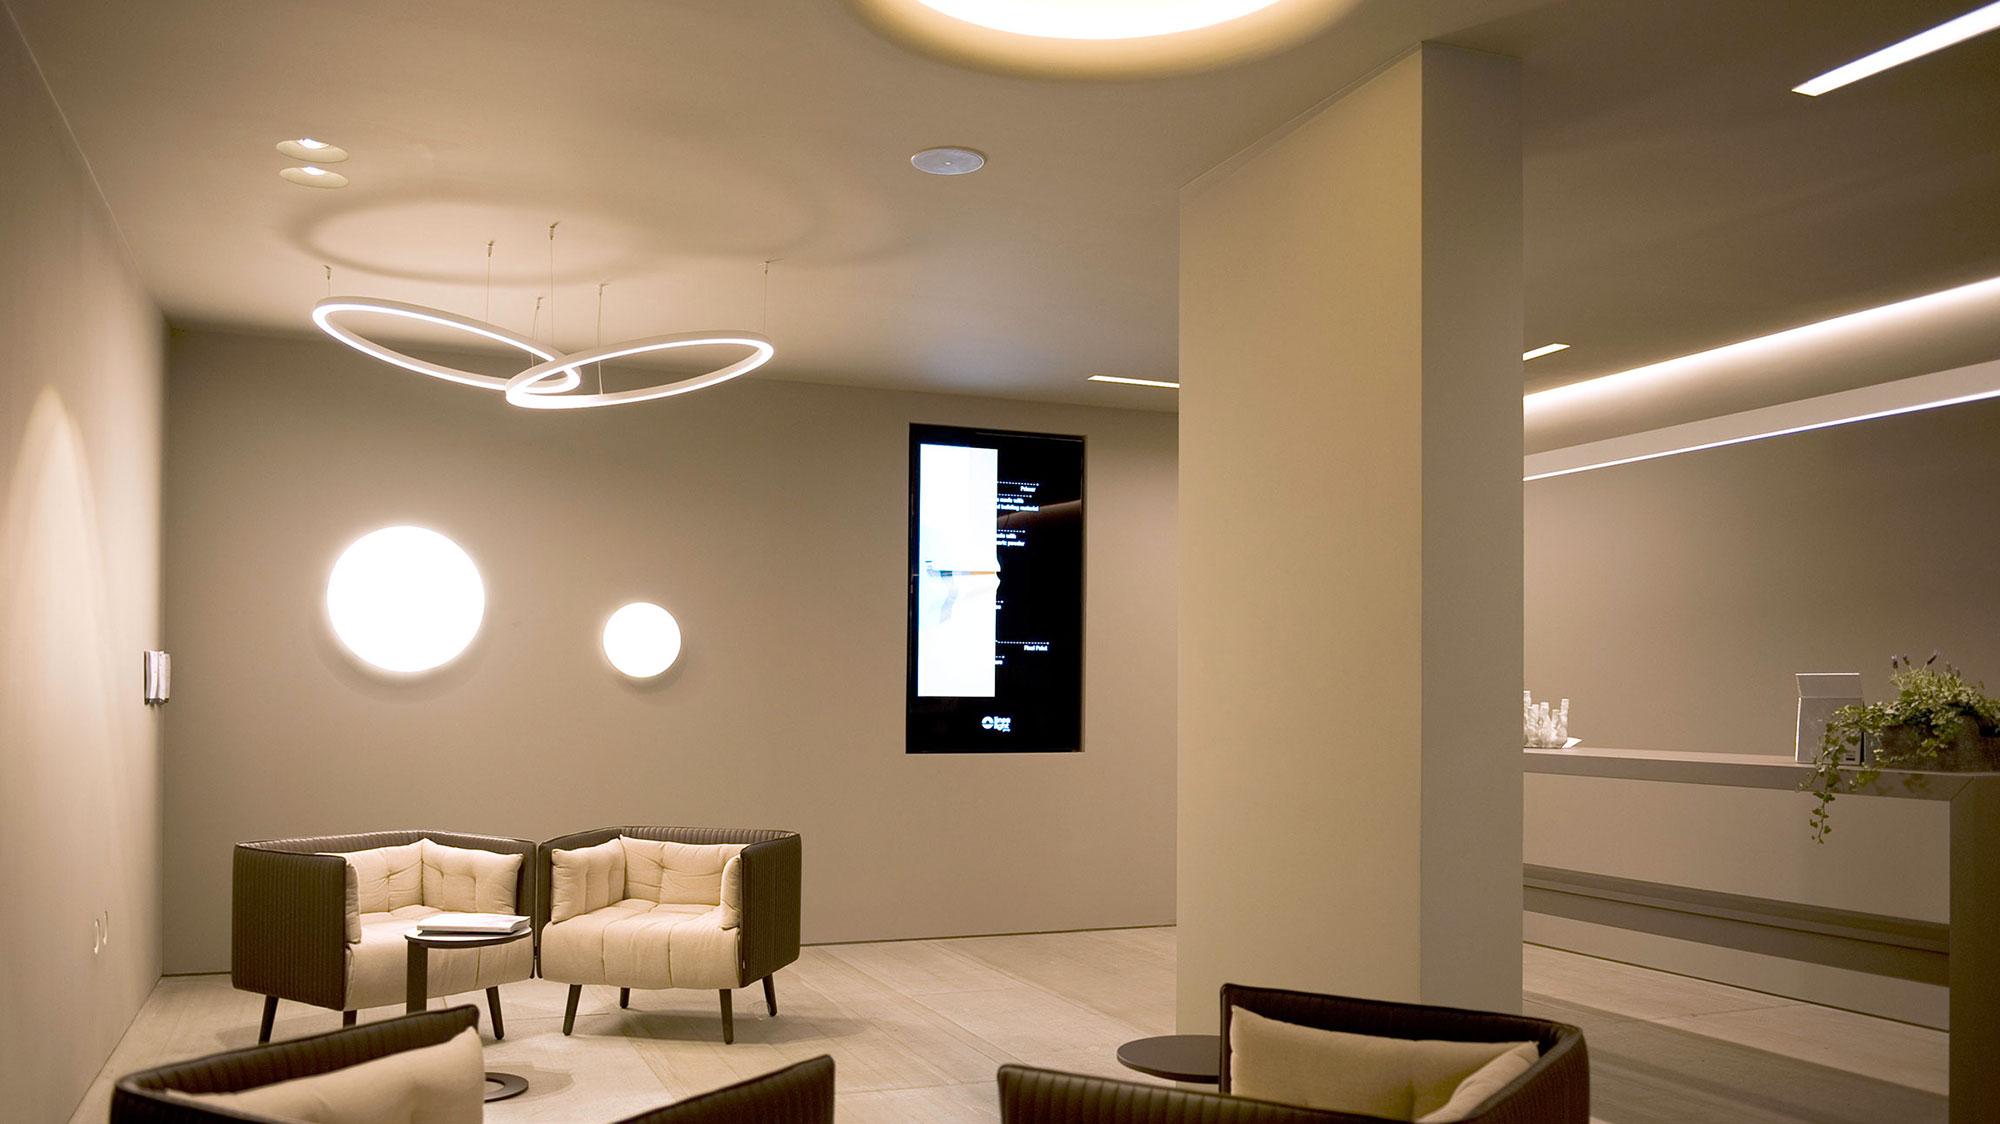 Luce e tecnologia per la casa efficiente linea light group - Tecnologia per la casa ...